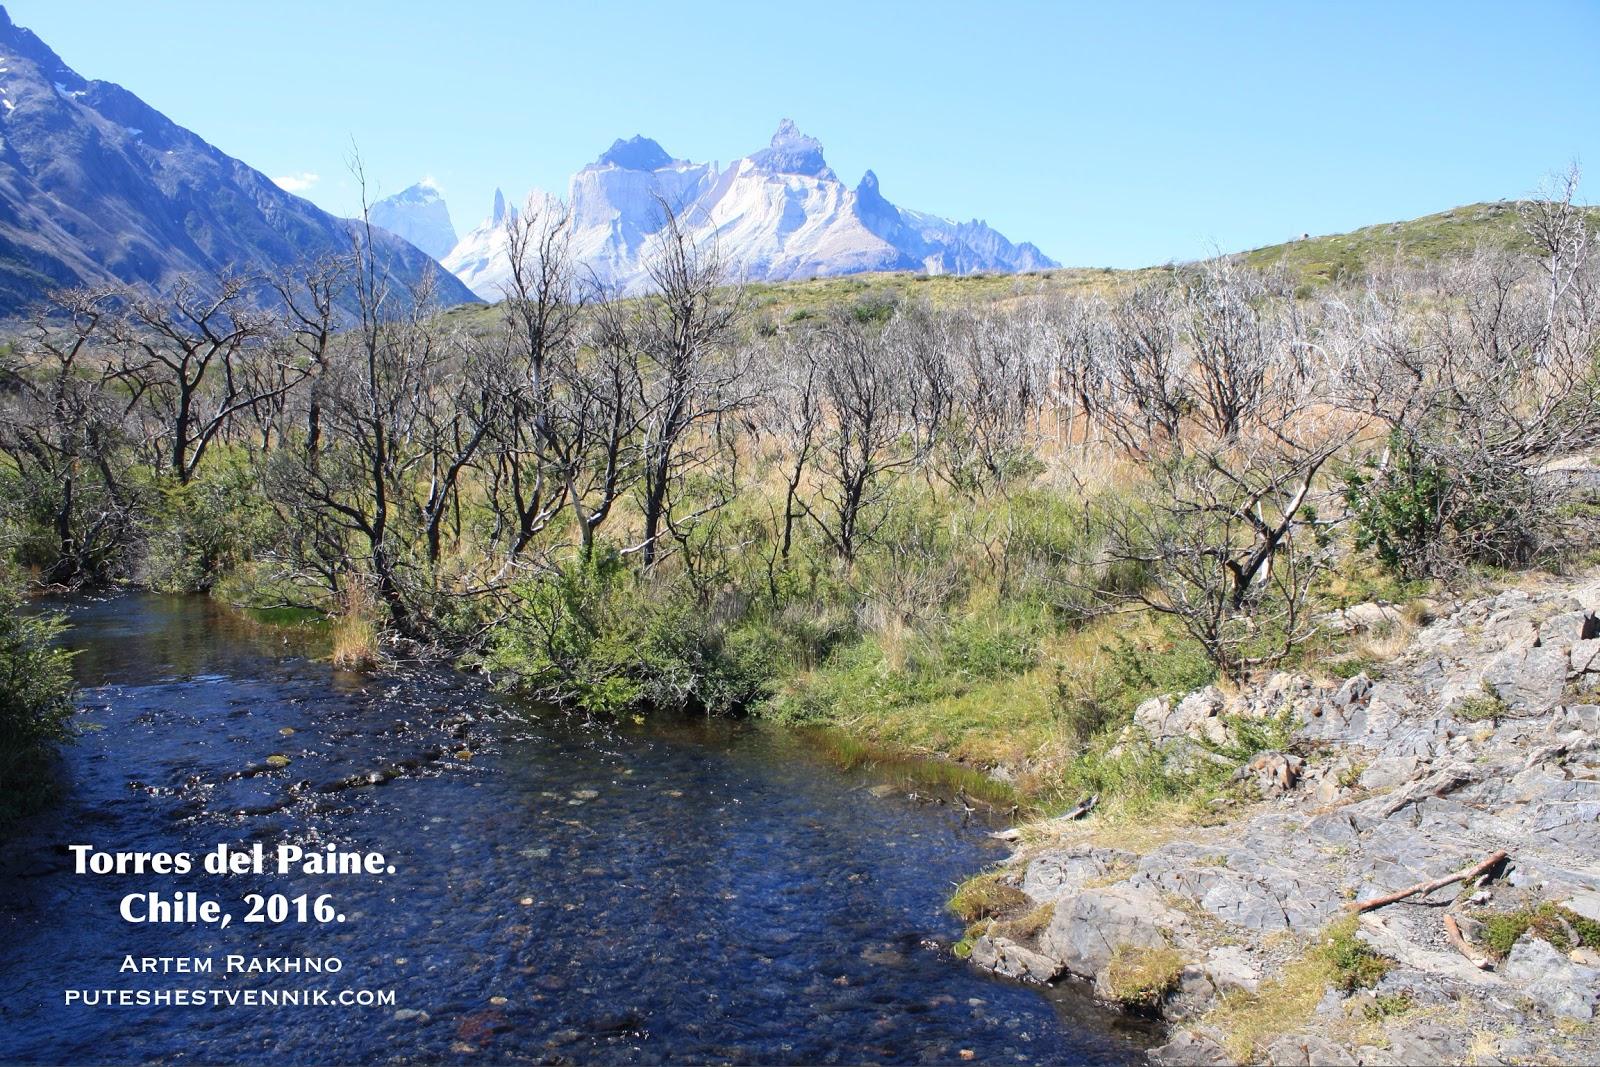 Ручей и горы в Торрес-дель-Пайне